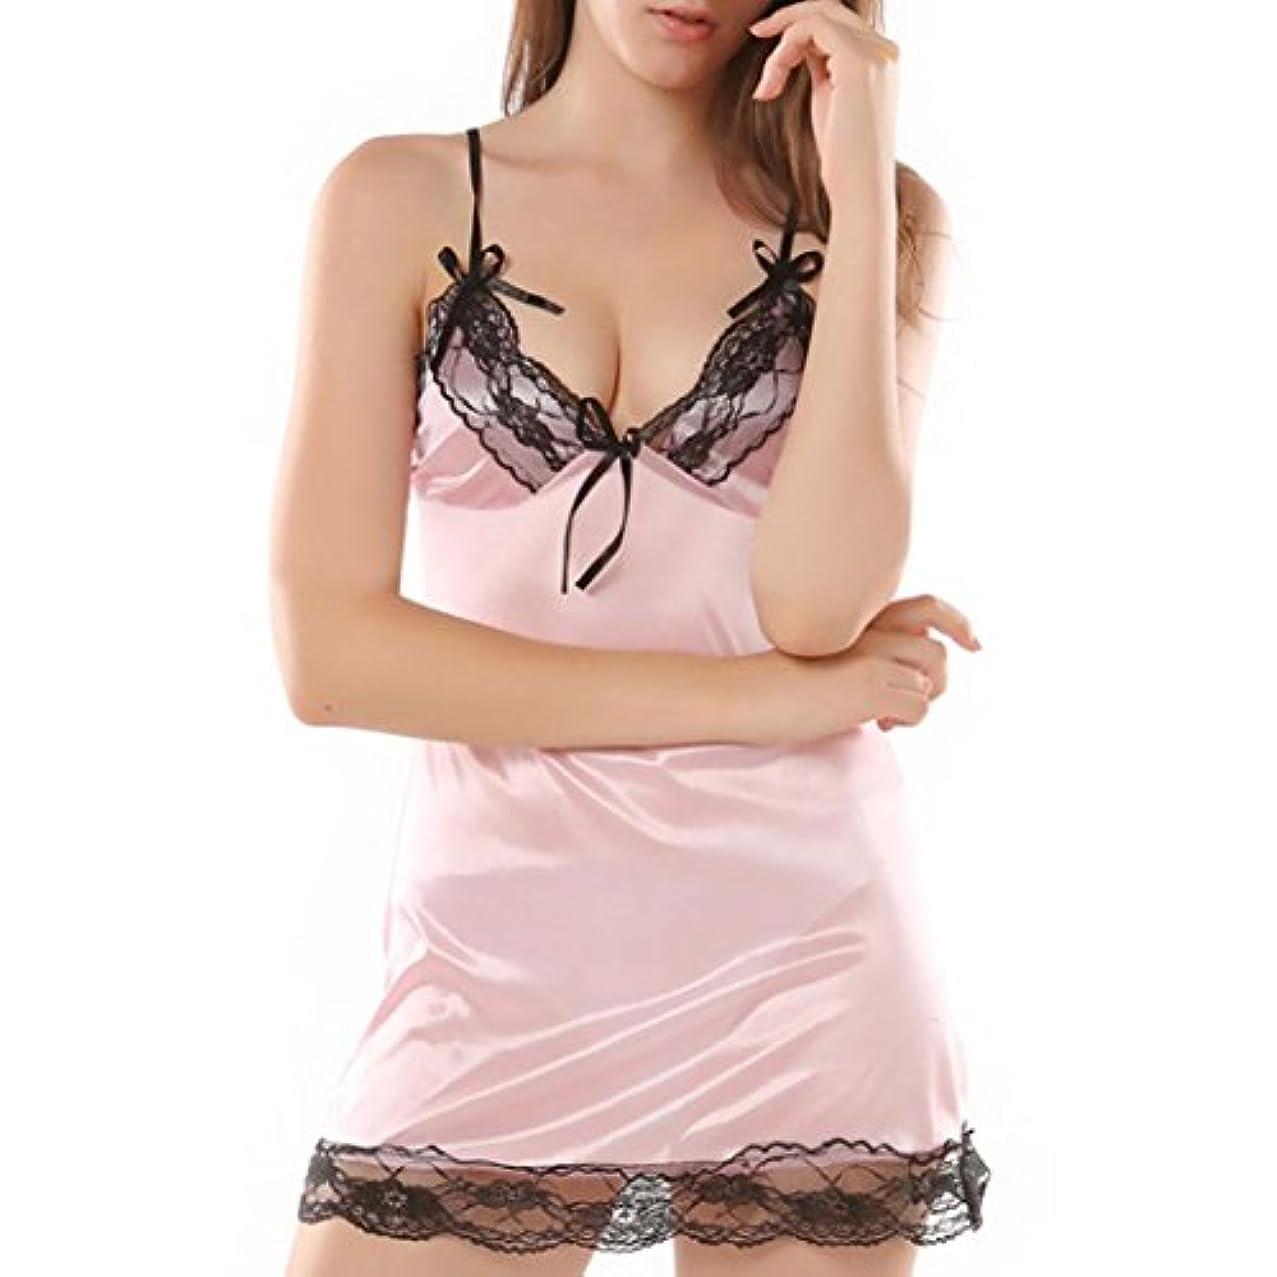 開発海峡ひもクリスチャンMhomzawa レースの下着ファッションセクシープラスサイズの服は下着の寝巻の誘惑